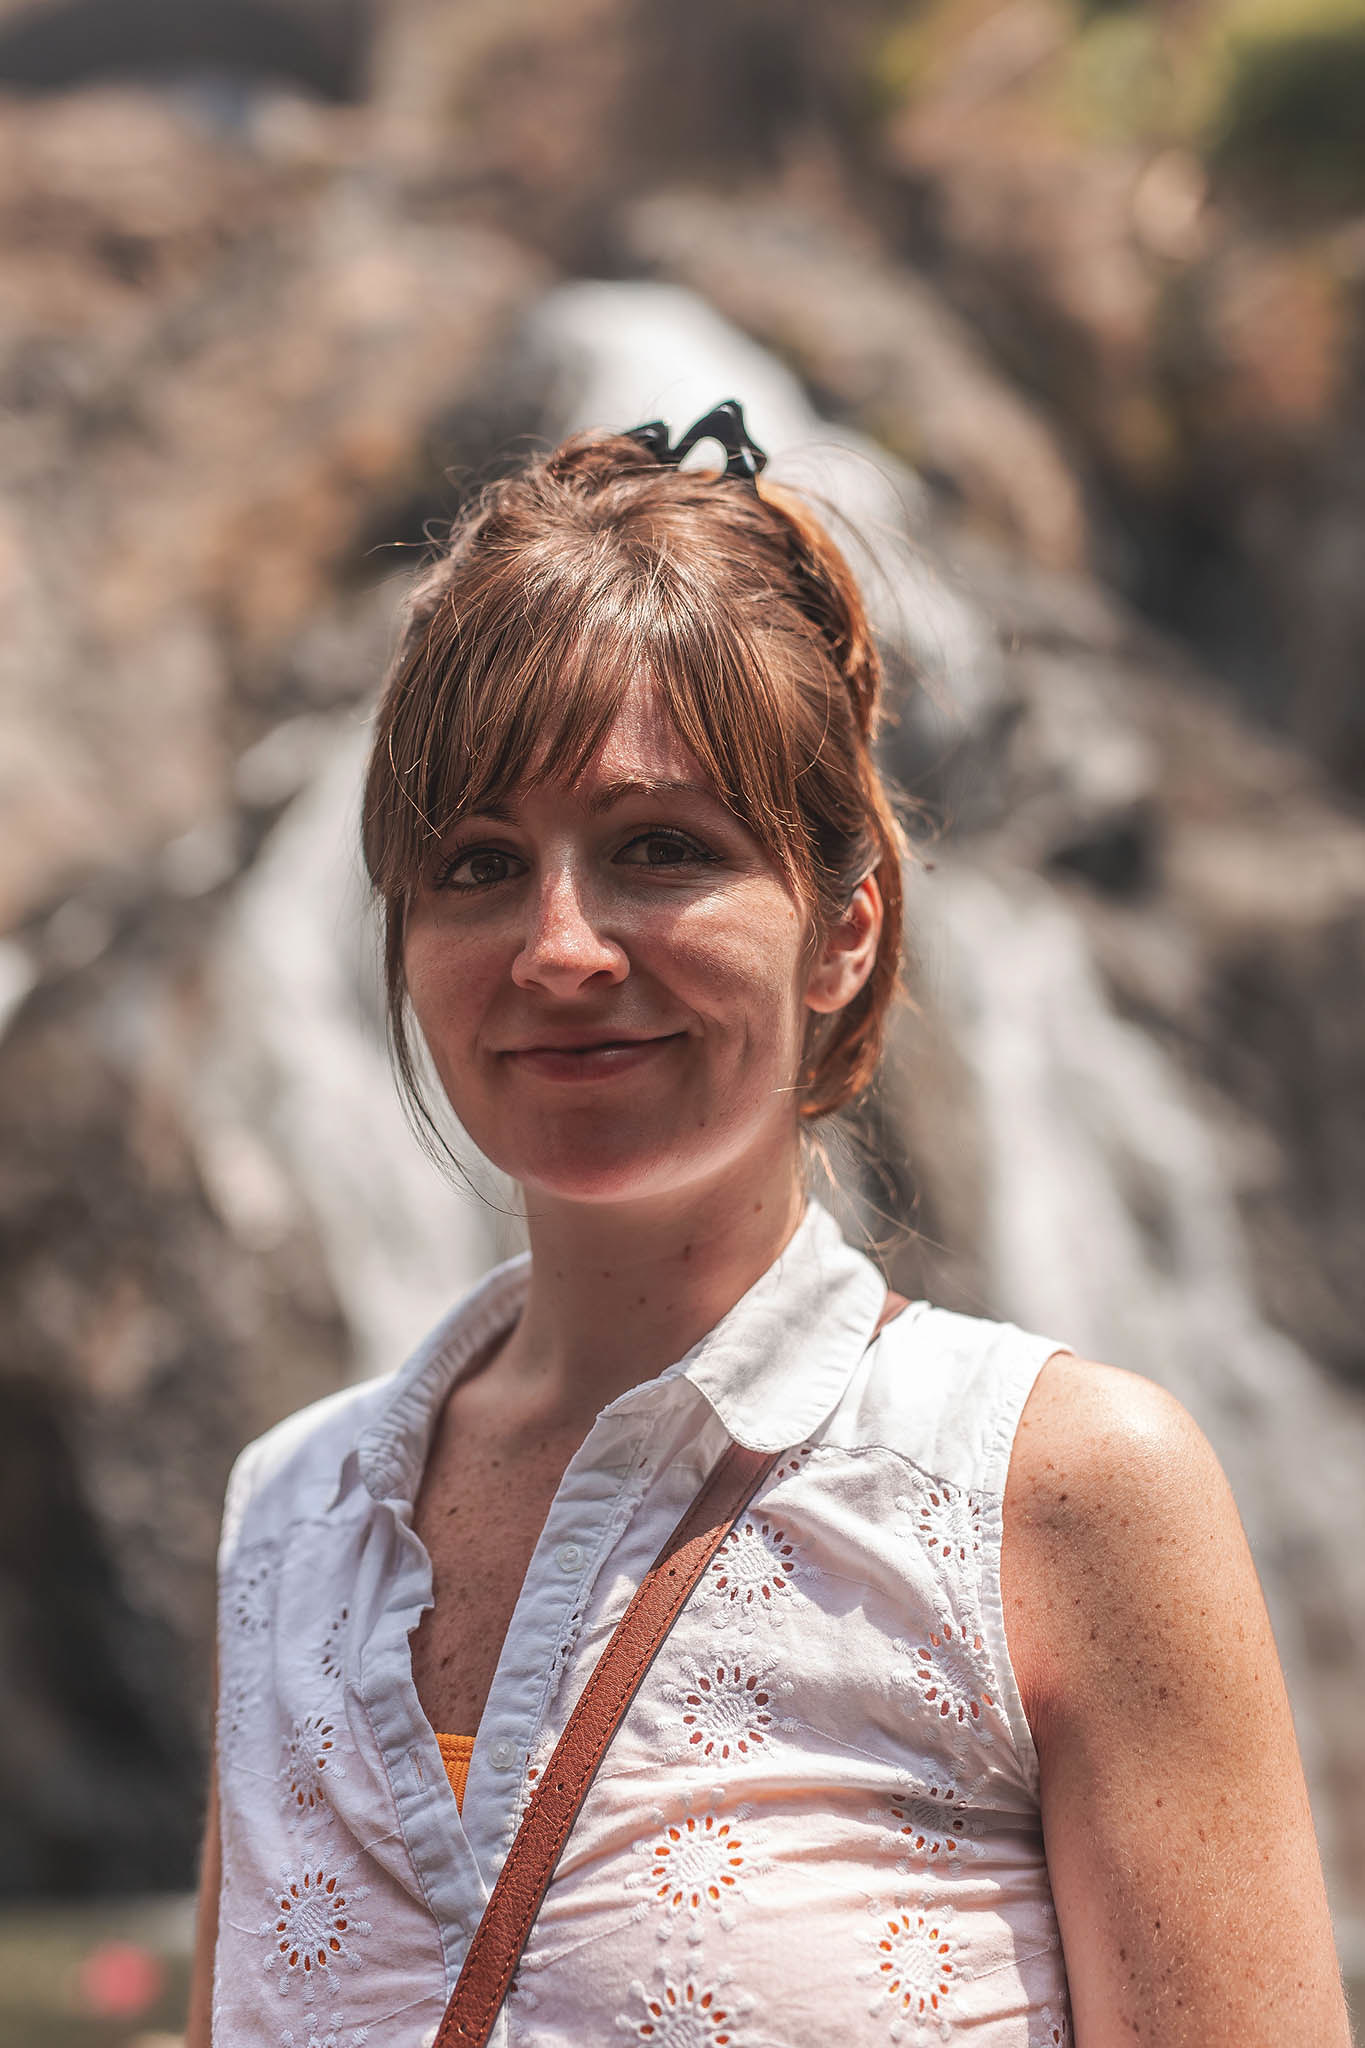 Maddy Watkins - Dudhsagar Falls